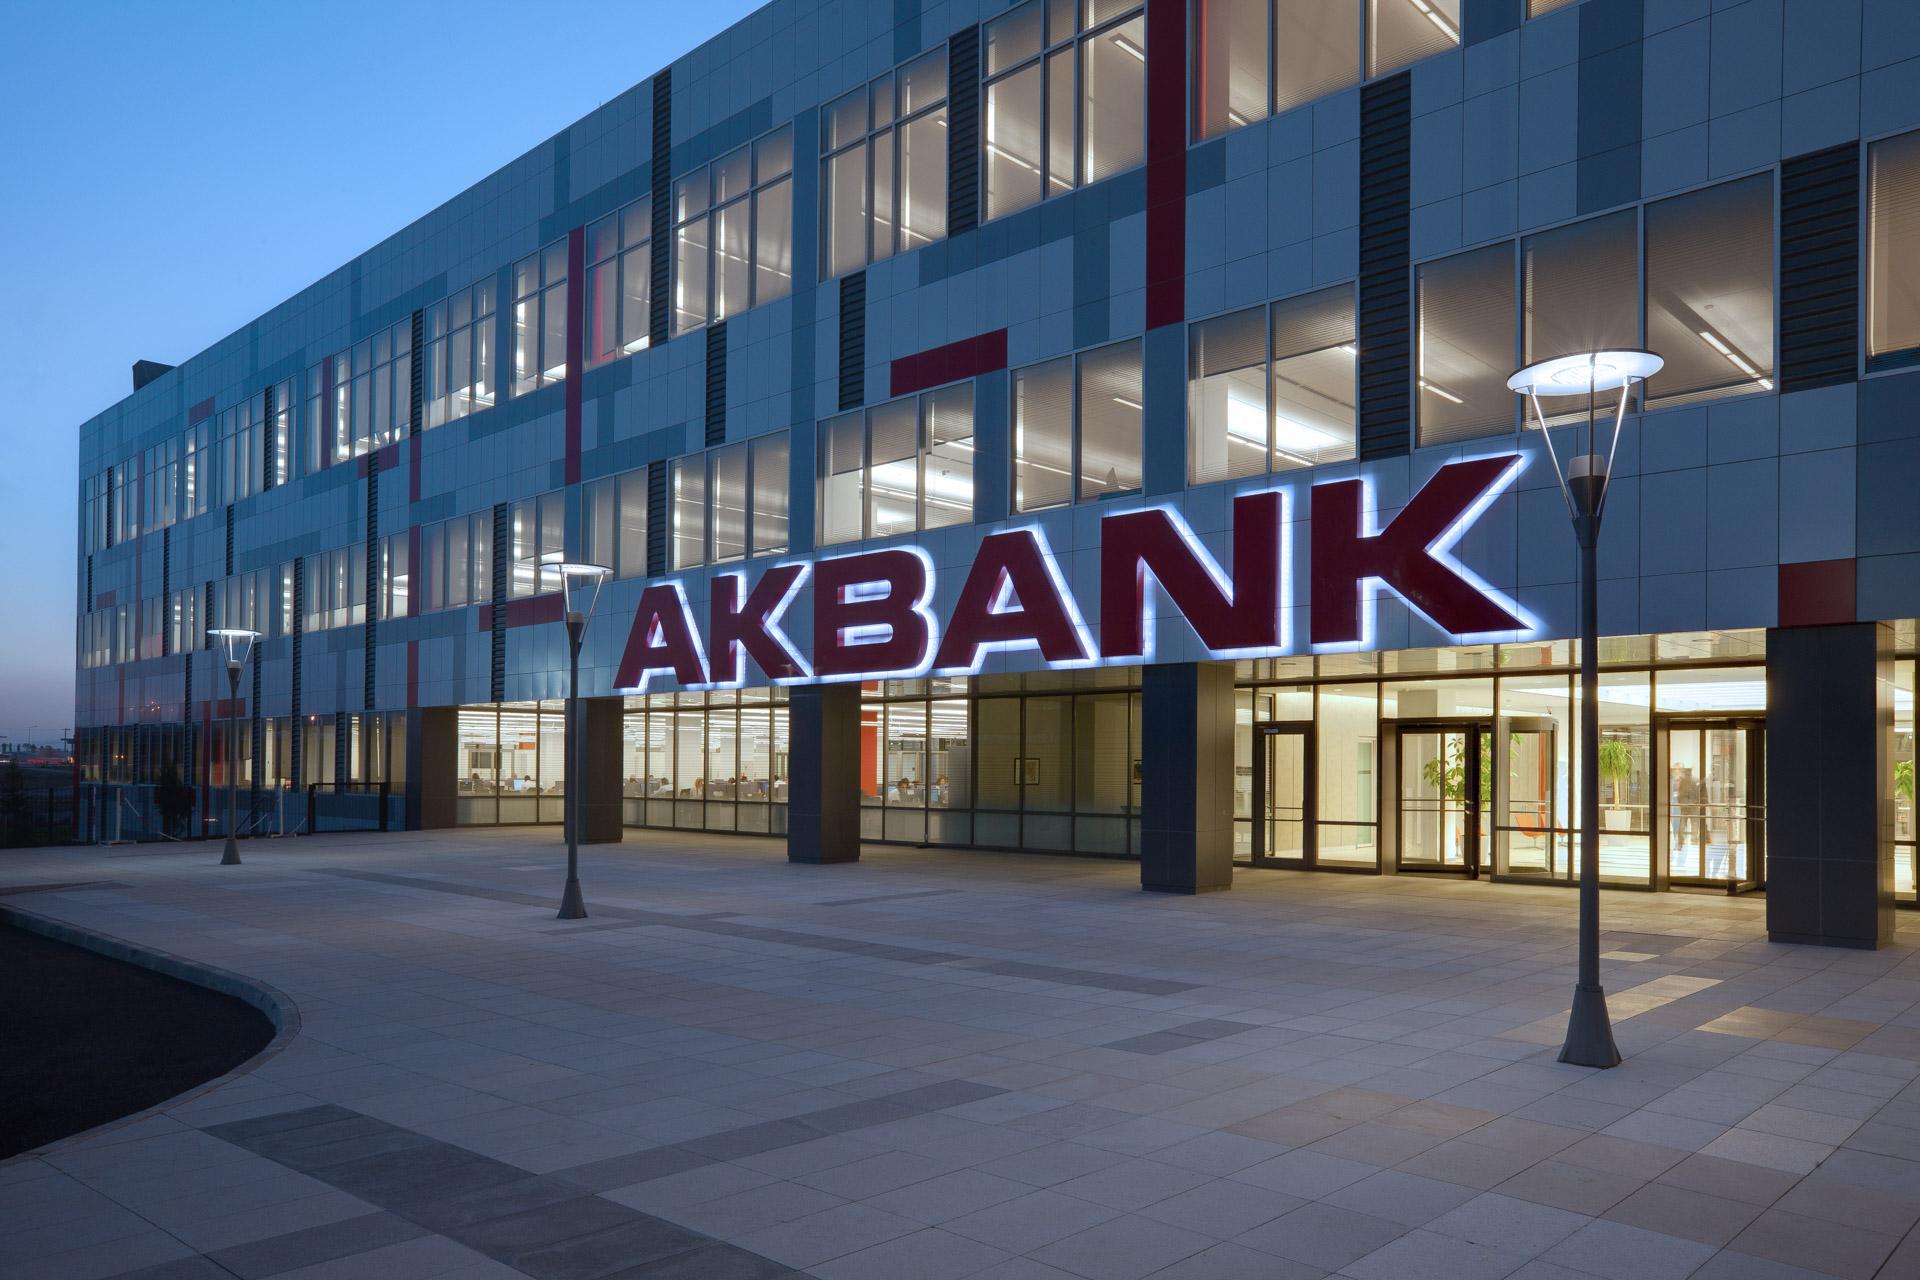 Akbank müşterileri mağdur, Tepkiler milyonlara ulaştı! Peki ödenemeyen kredi, fatura ve çek borçlarına faiz eklenecek mi?